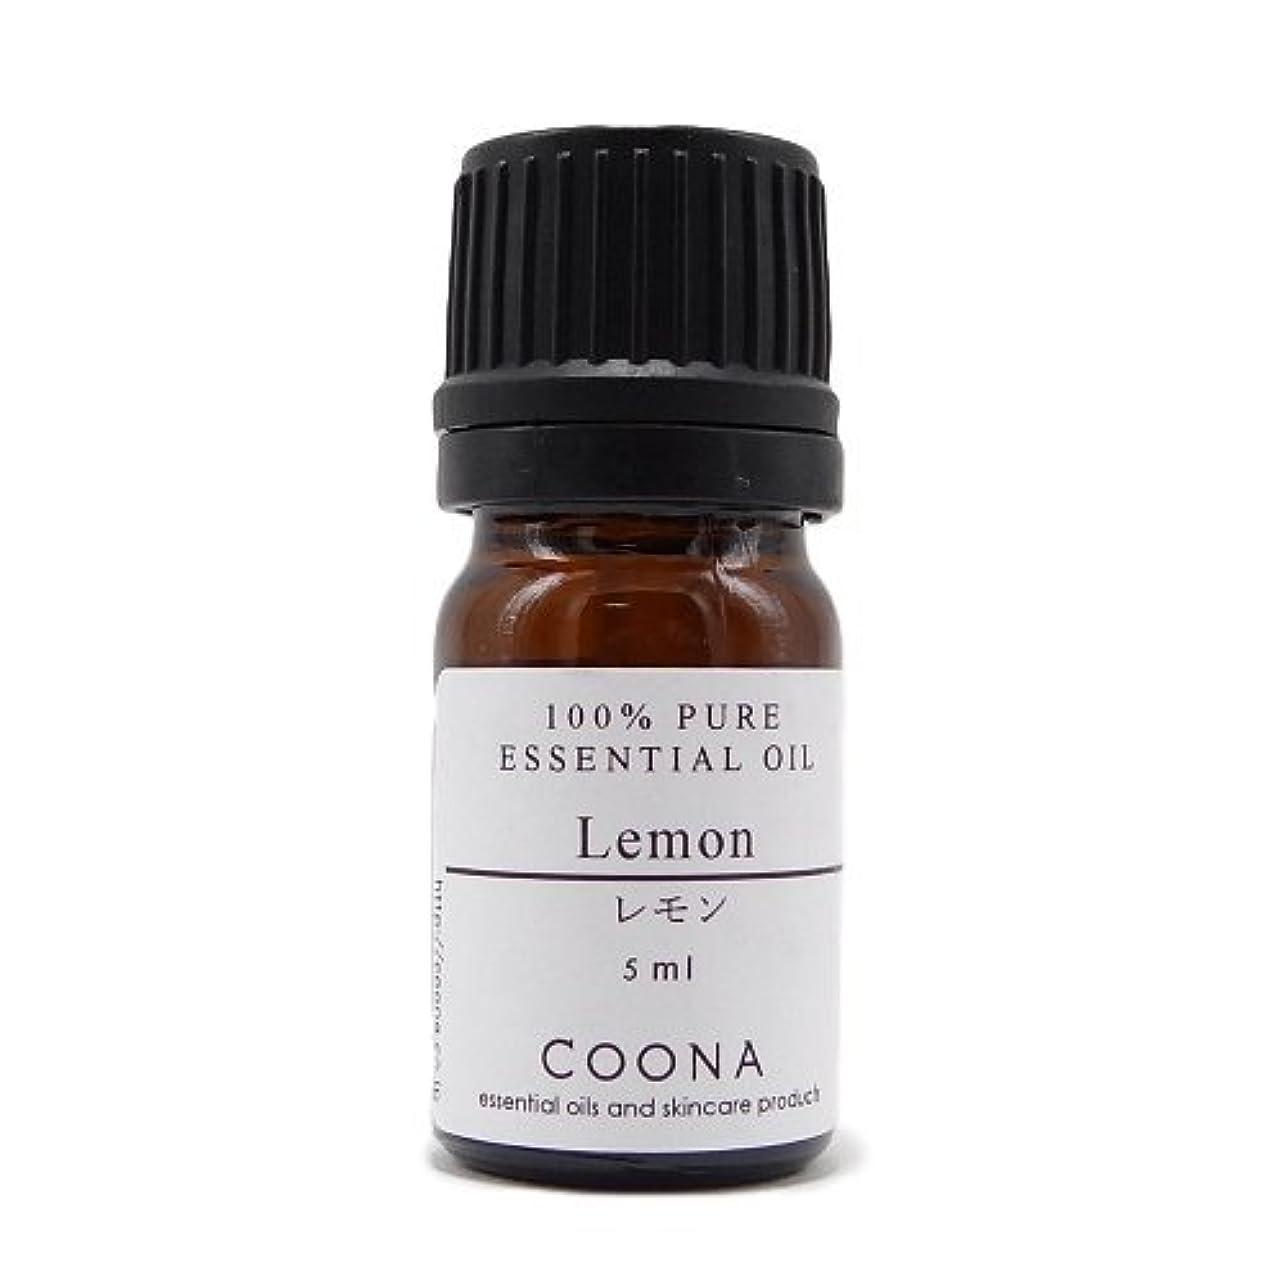 トラック振り向く放課後レモン 5 ml (COONA エッセンシャルオイル/アロマオイル/精油)